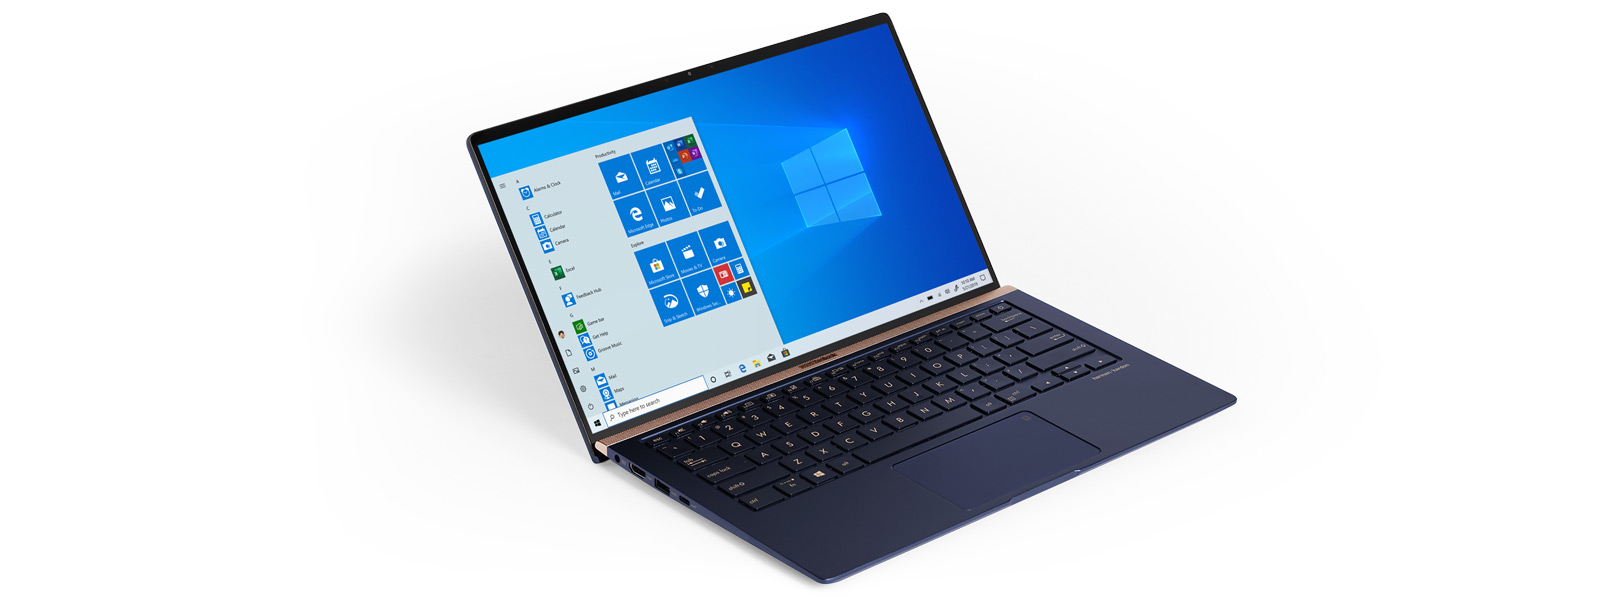 蓝色的宏碁Swift 5笔记本电脑打开时显示Windows 10启动屏幕